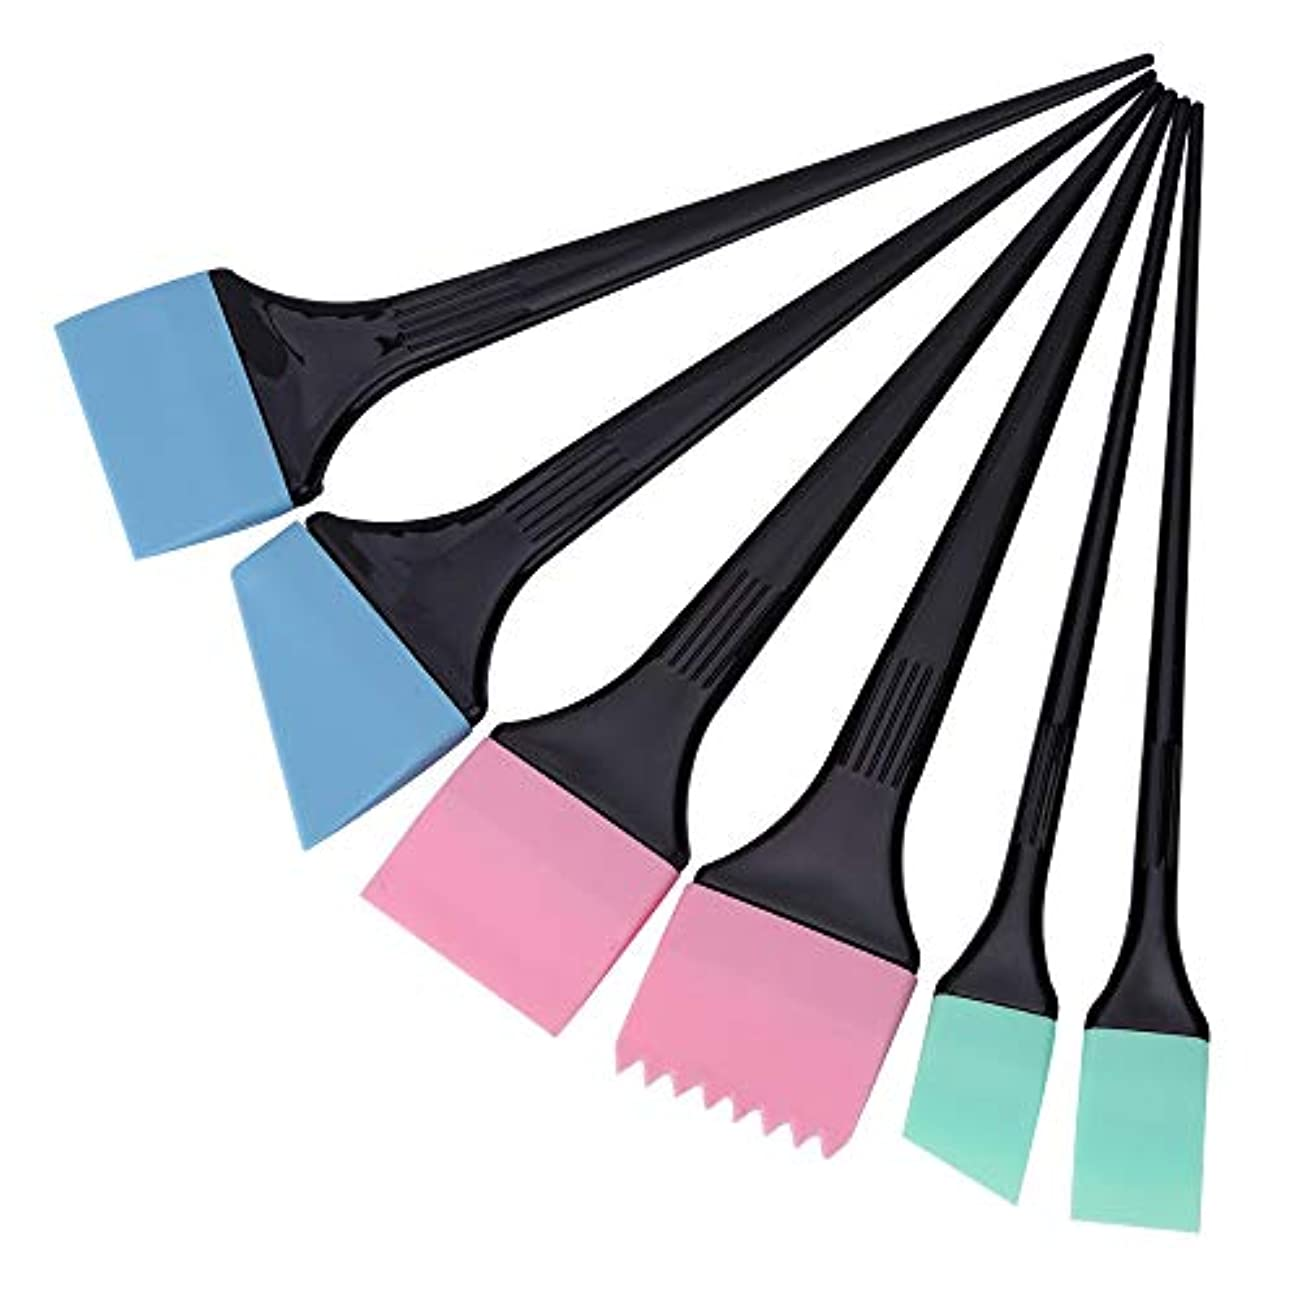 進捗避難するセマフォヘアダイコーム&ブラシ 毛染めブラシ 6本/セット 着色櫛キット プロサロン 理髪スタイリングツール へアカラーセット グリーン